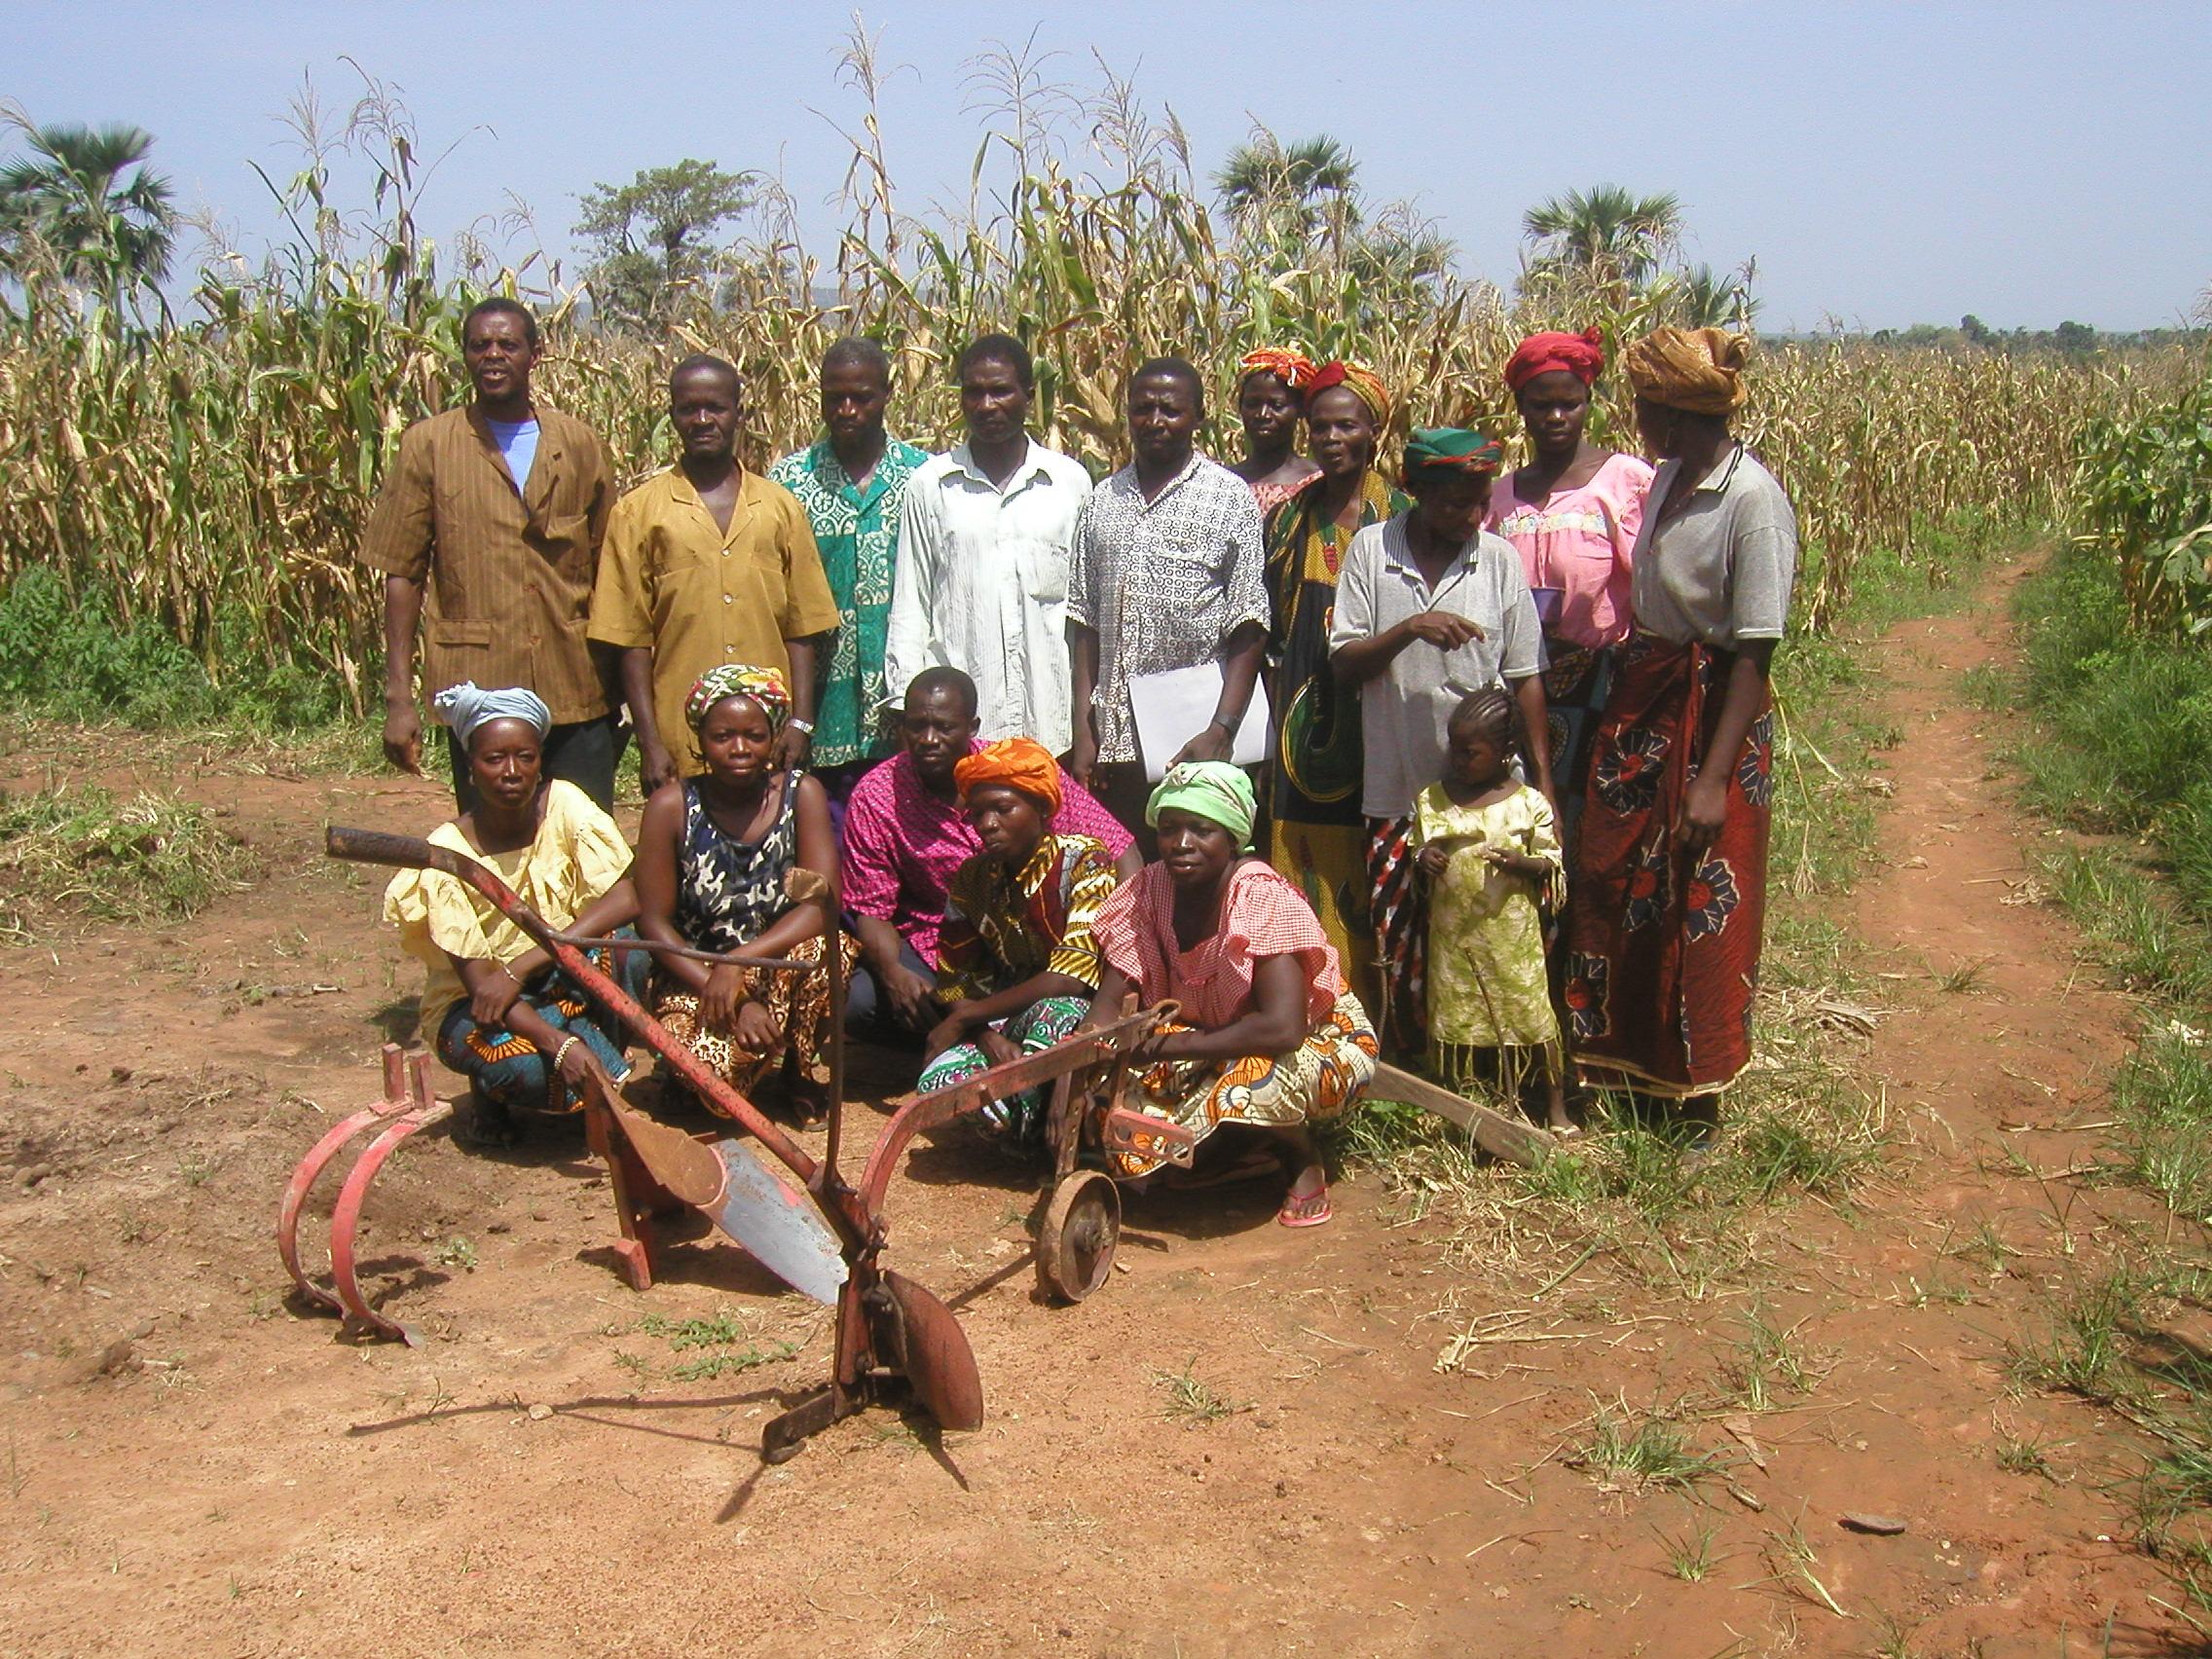 Mujeres burkina faso